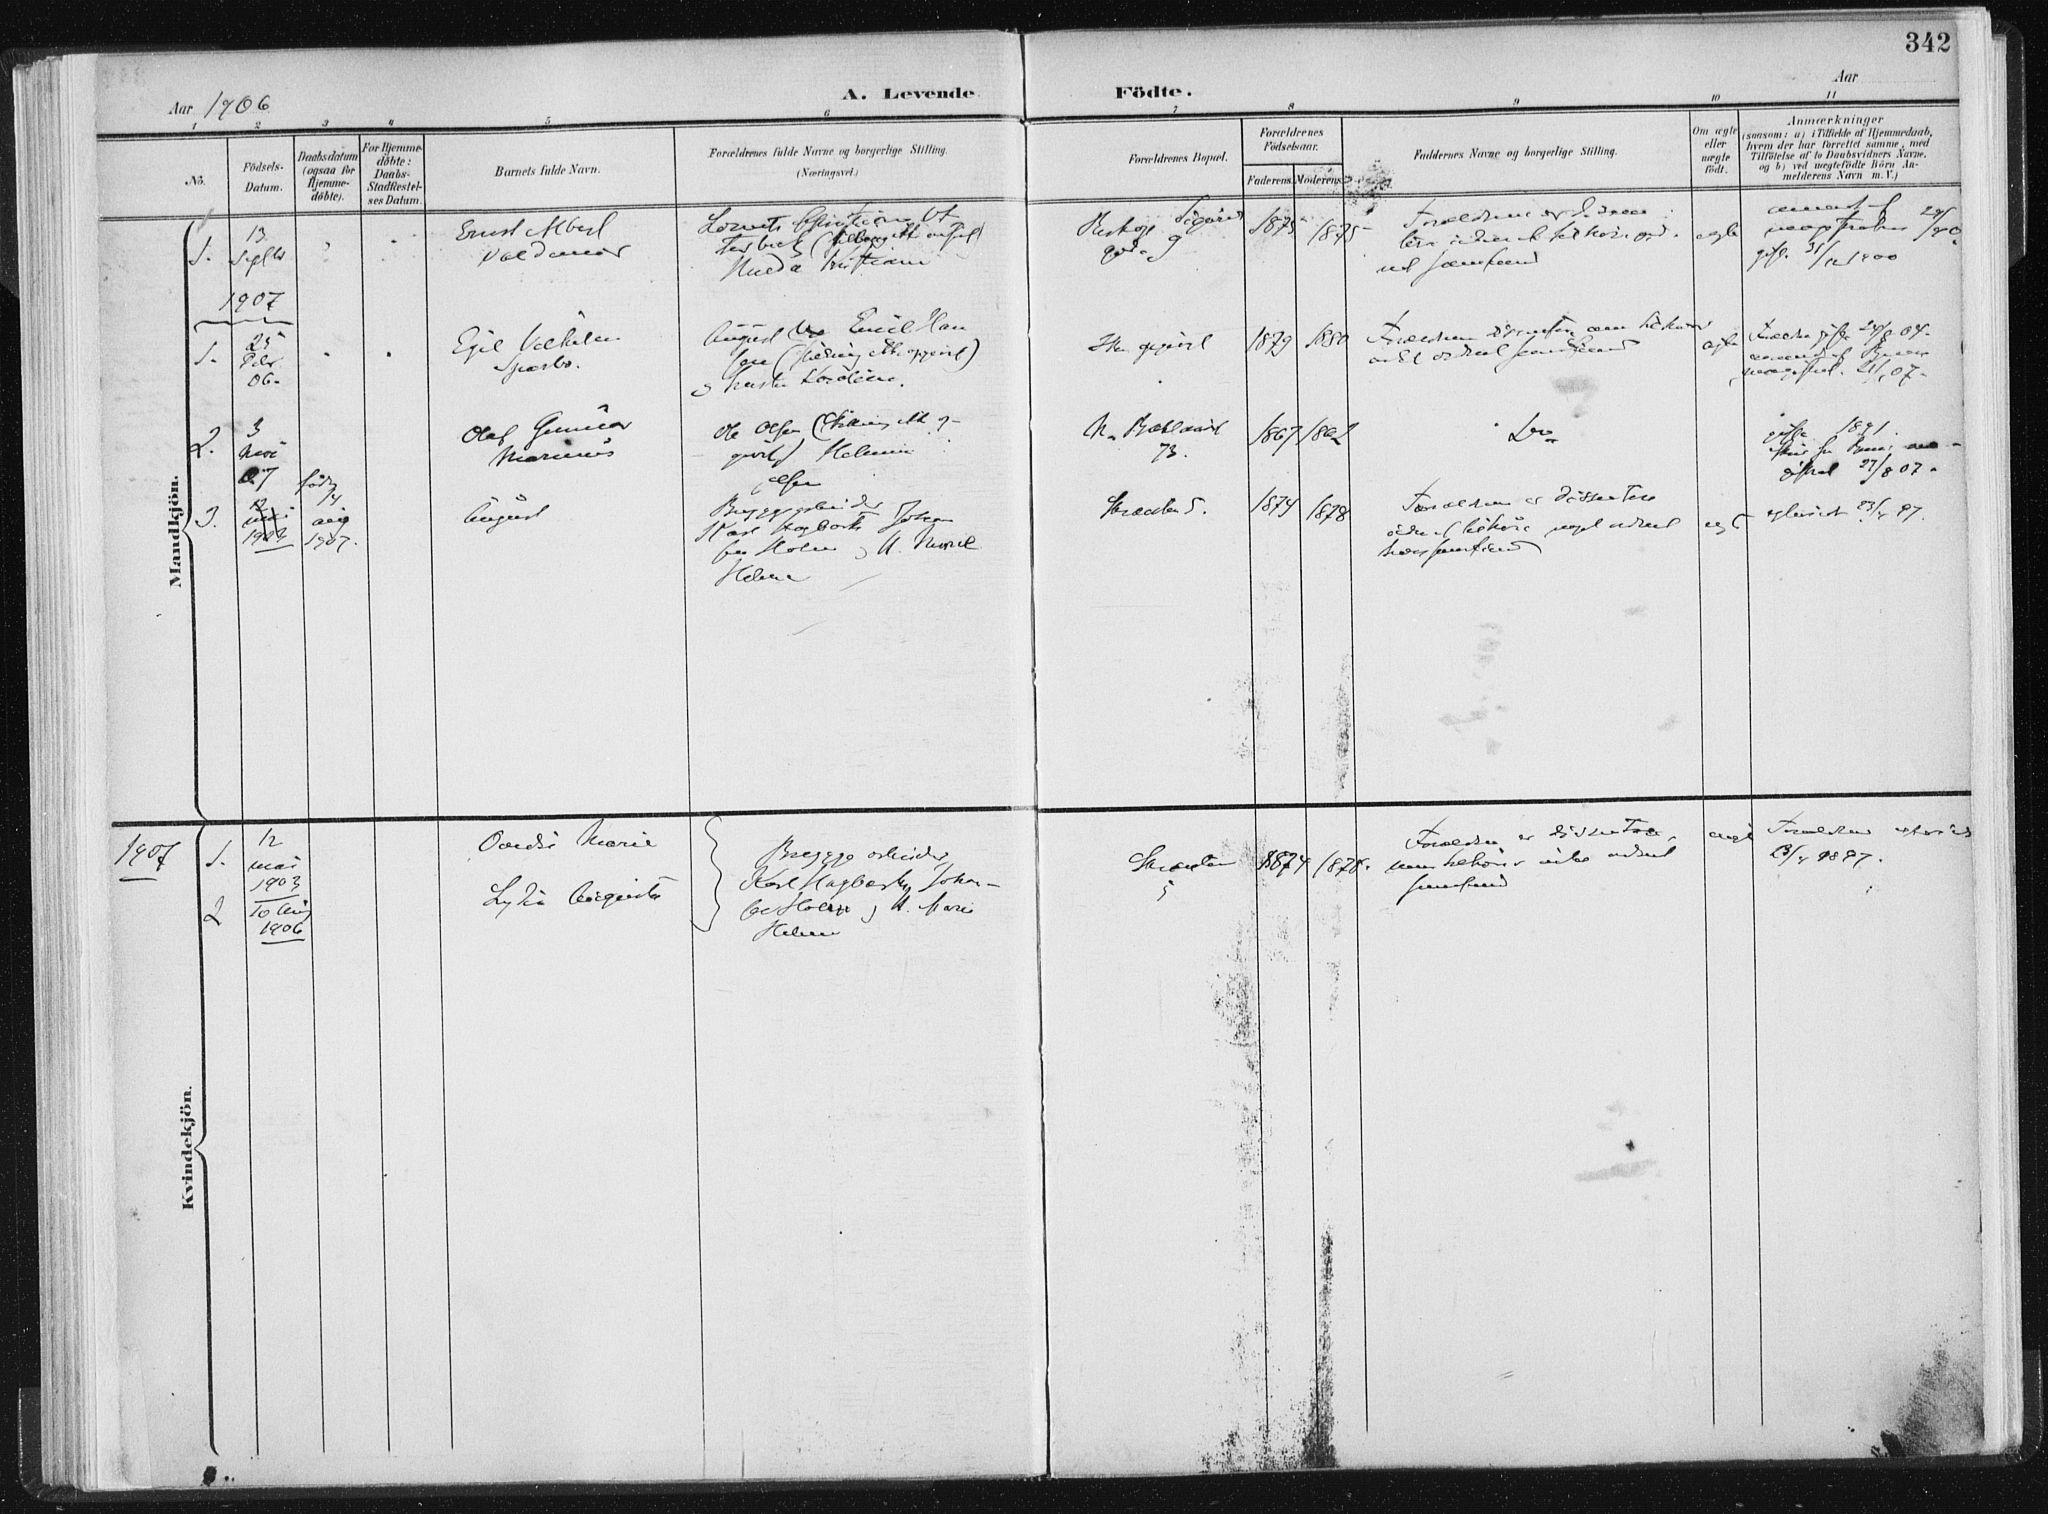 SAT, Ministerialprotokoller, klokkerbøker og fødselsregistre - Sør-Trøndelag, 604/L0200: Ministerialbok nr. 604A20II, 1901-1908, s. 342